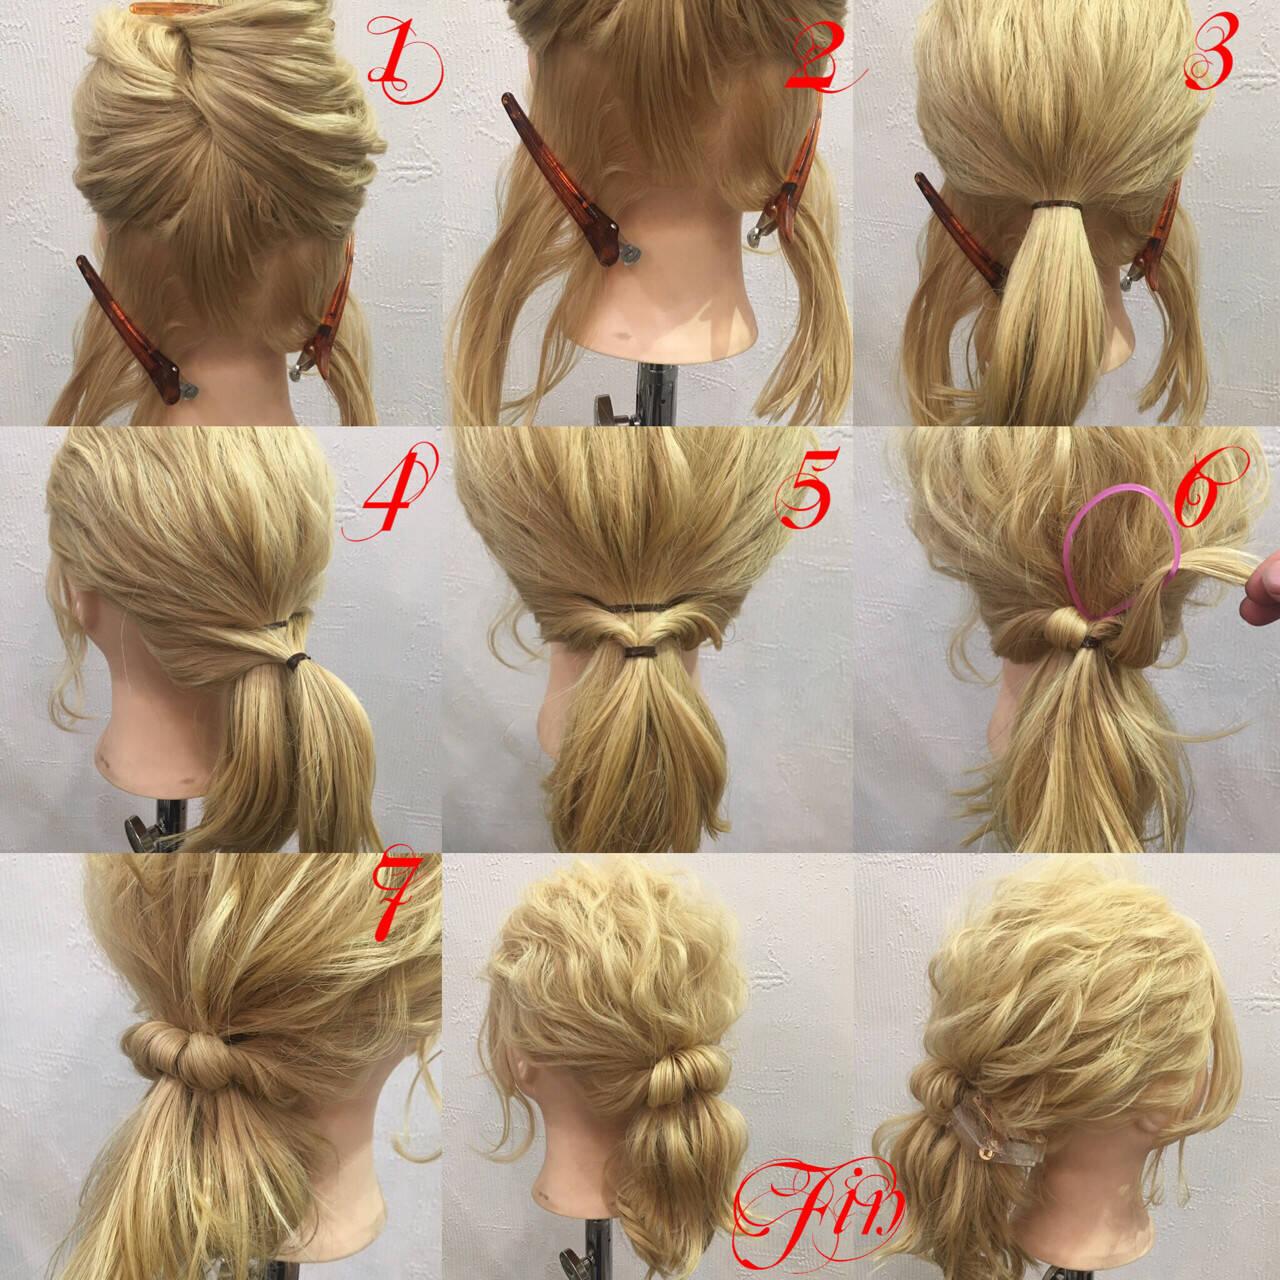 結婚式 ショート 簡単ヘアアレンジ ミディアムヘアスタイルや髪型の写真・画像